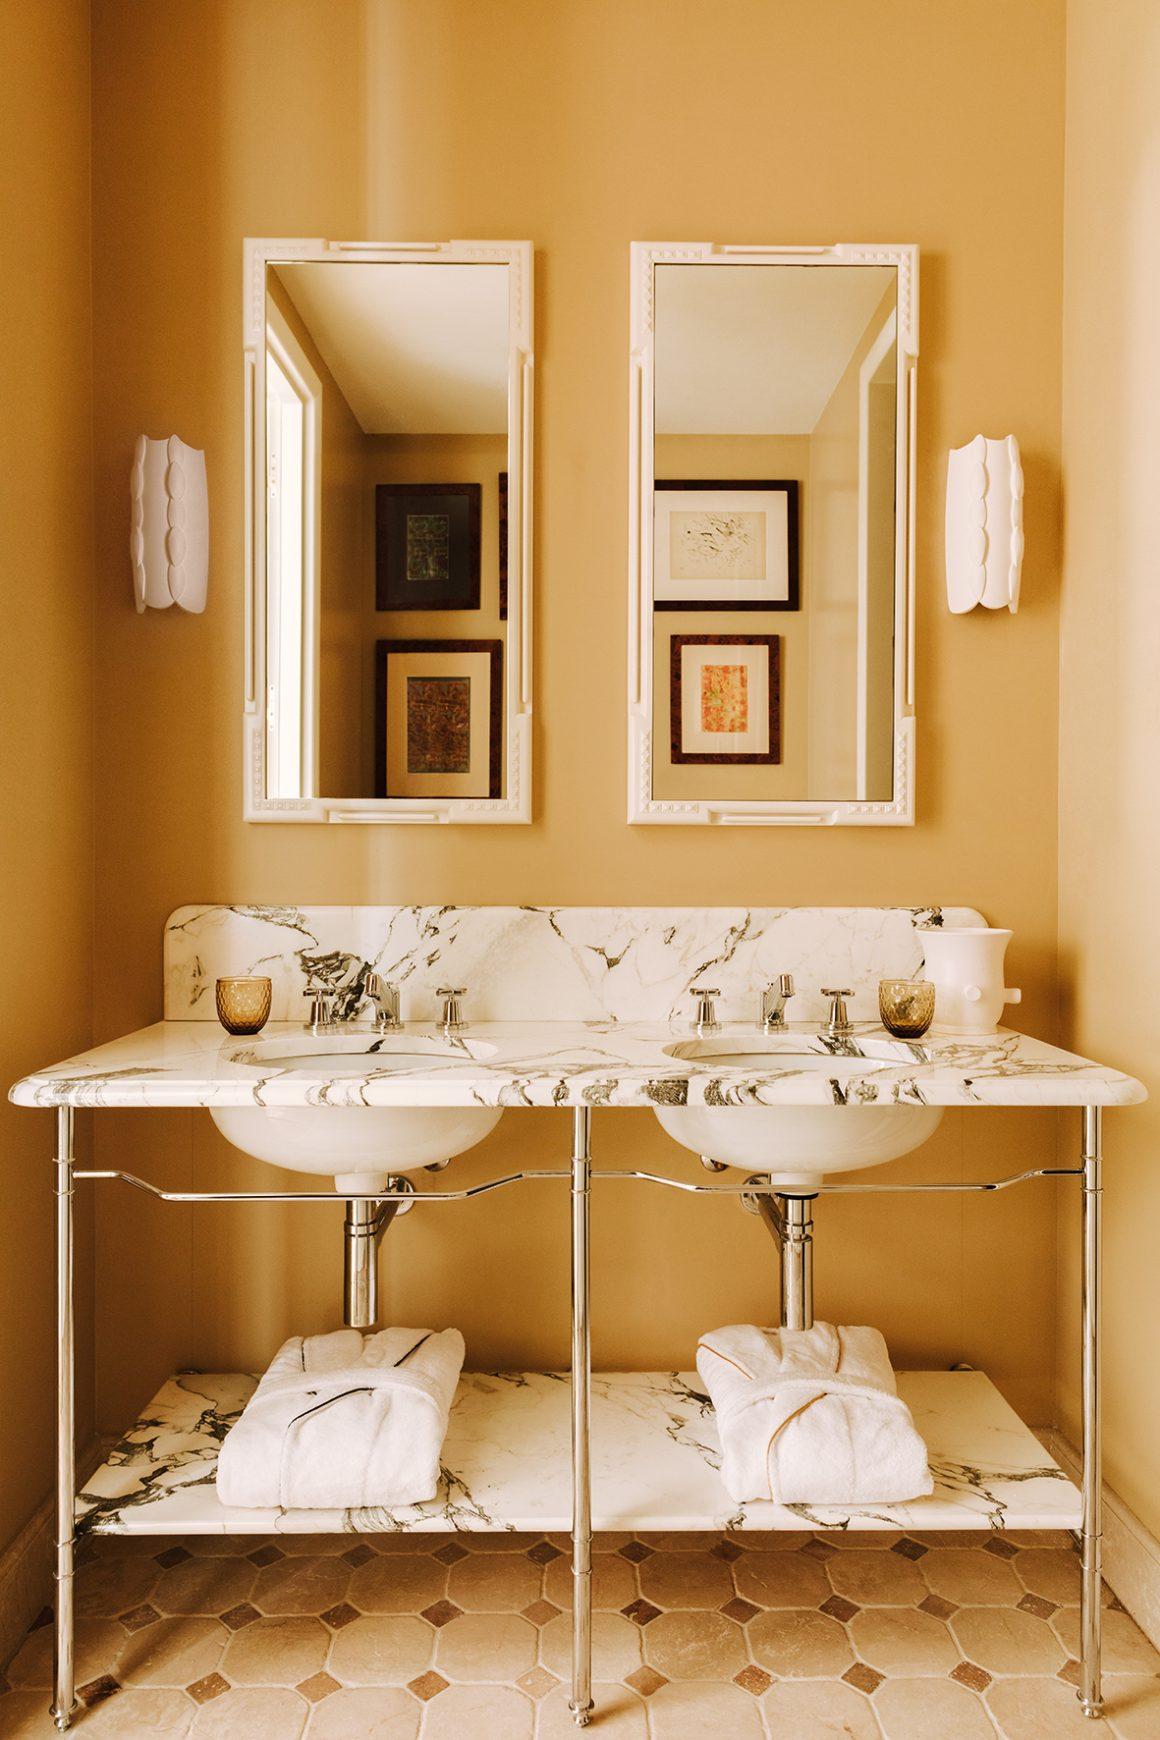 Une salle de bain de l'Hôtel Saint-James à Paris